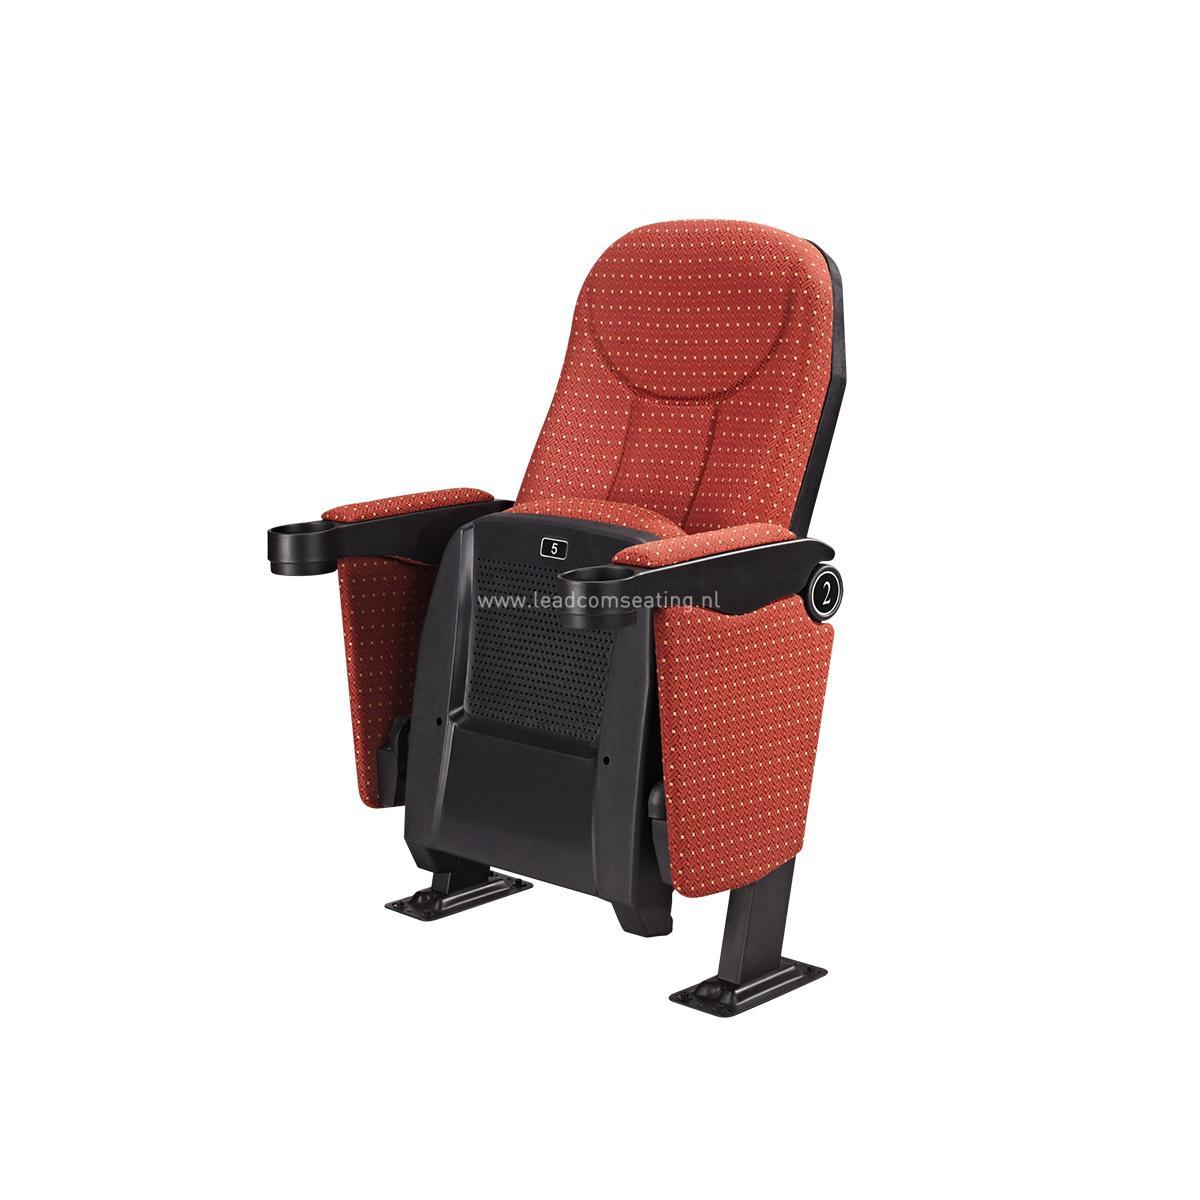 leadcom-seating-cinema-seating-ls-626en_1